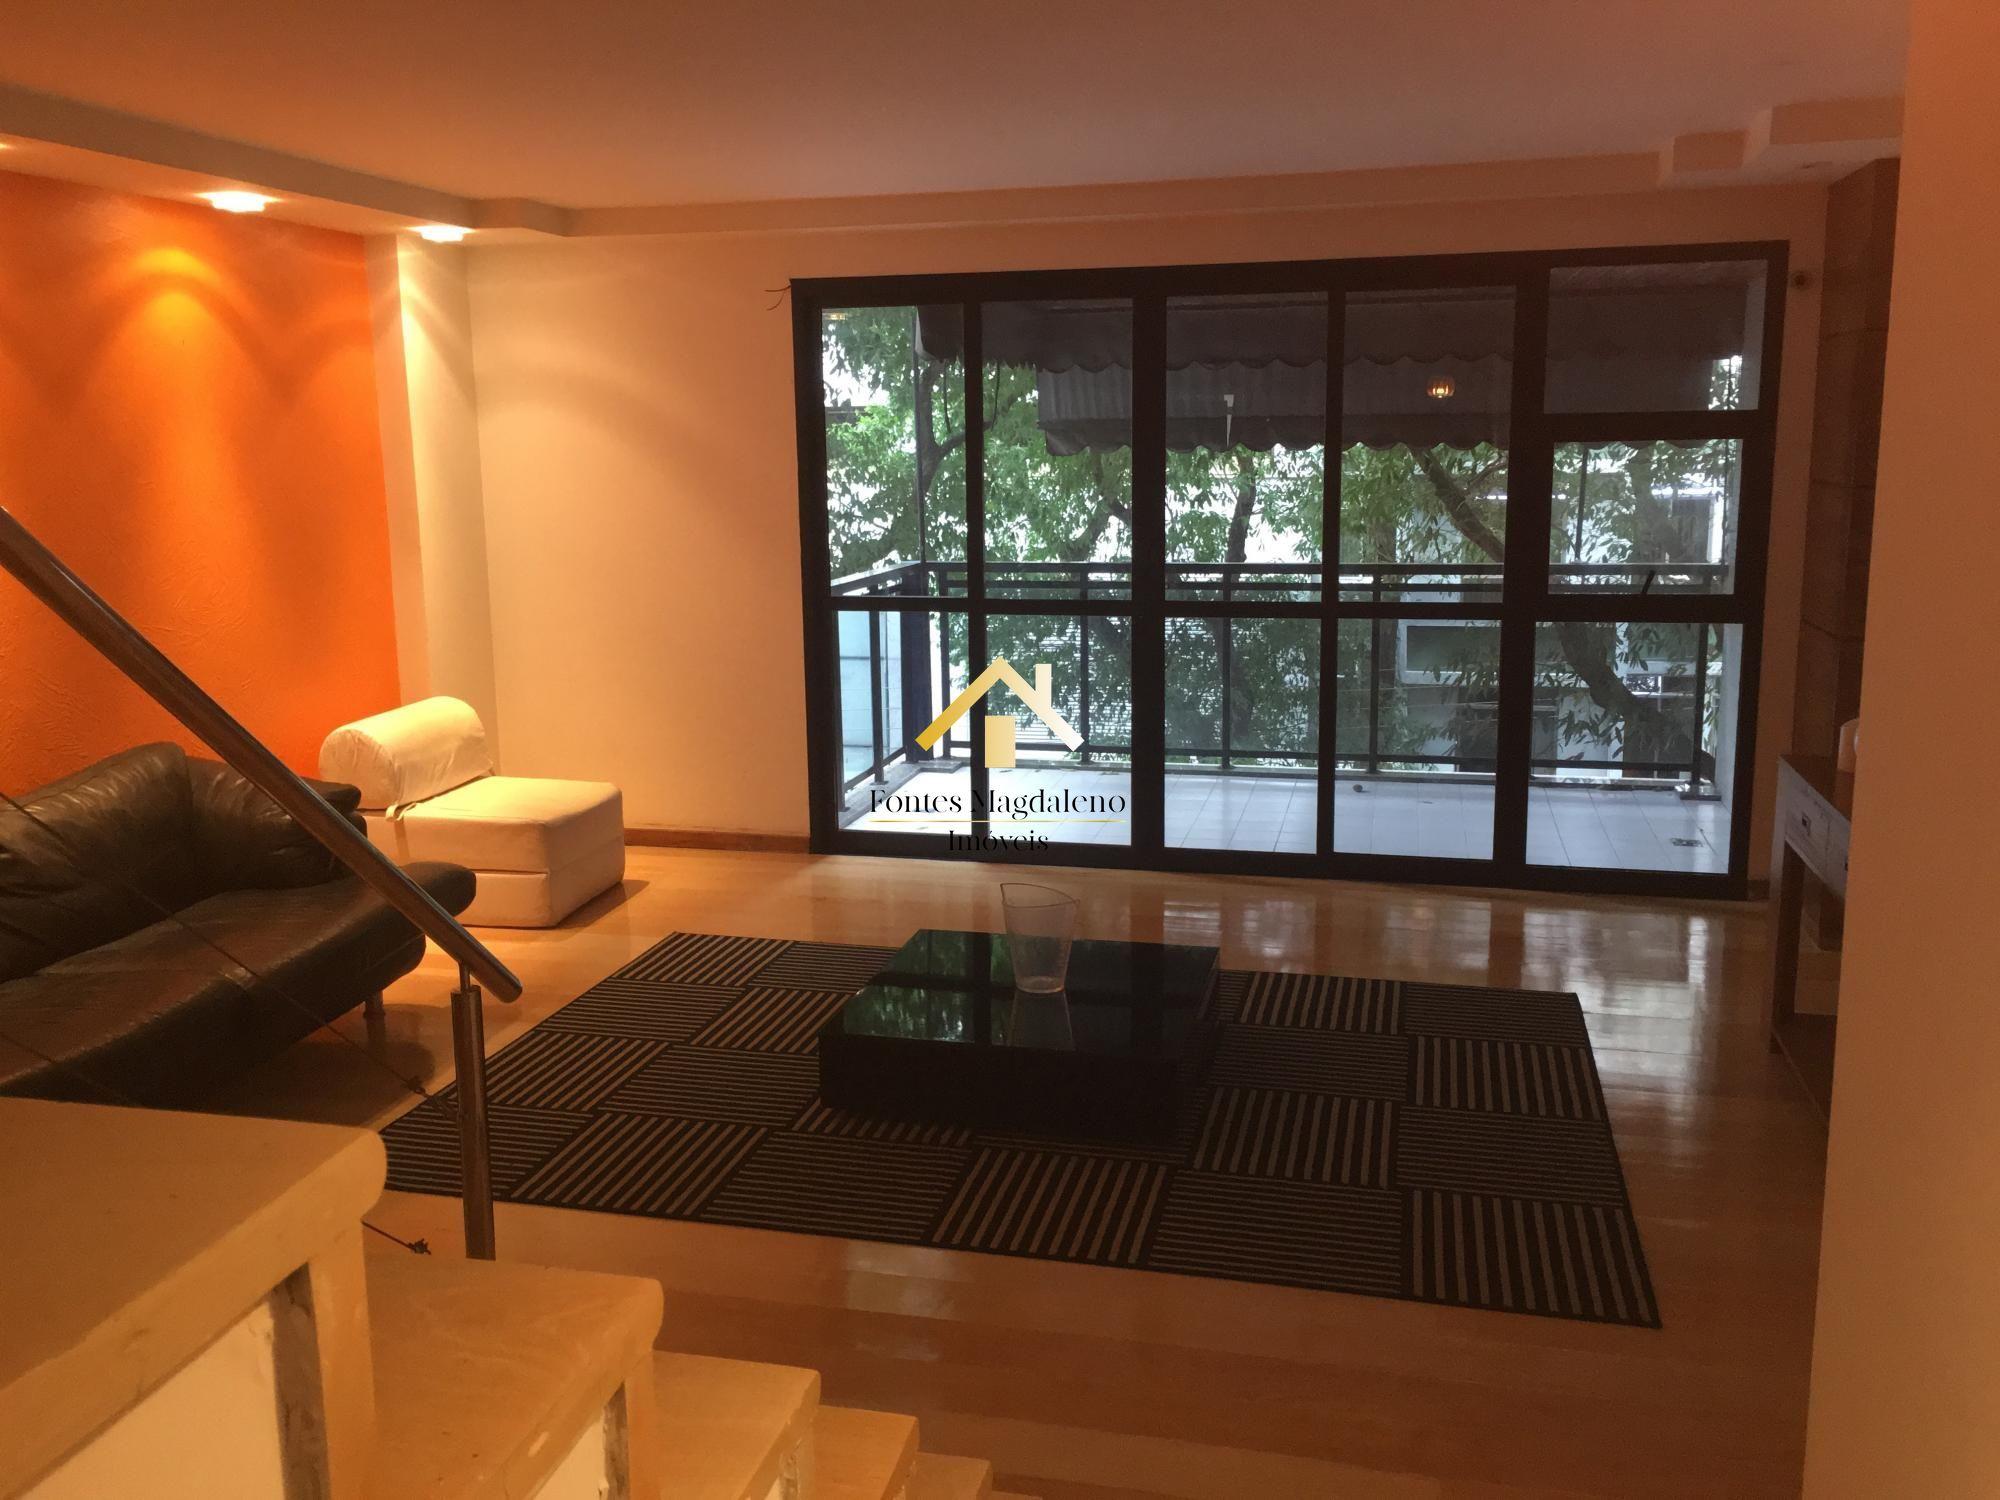 Apartamento à venda  no Copacabana - Rio de Janeiro, RJ. Imóveis